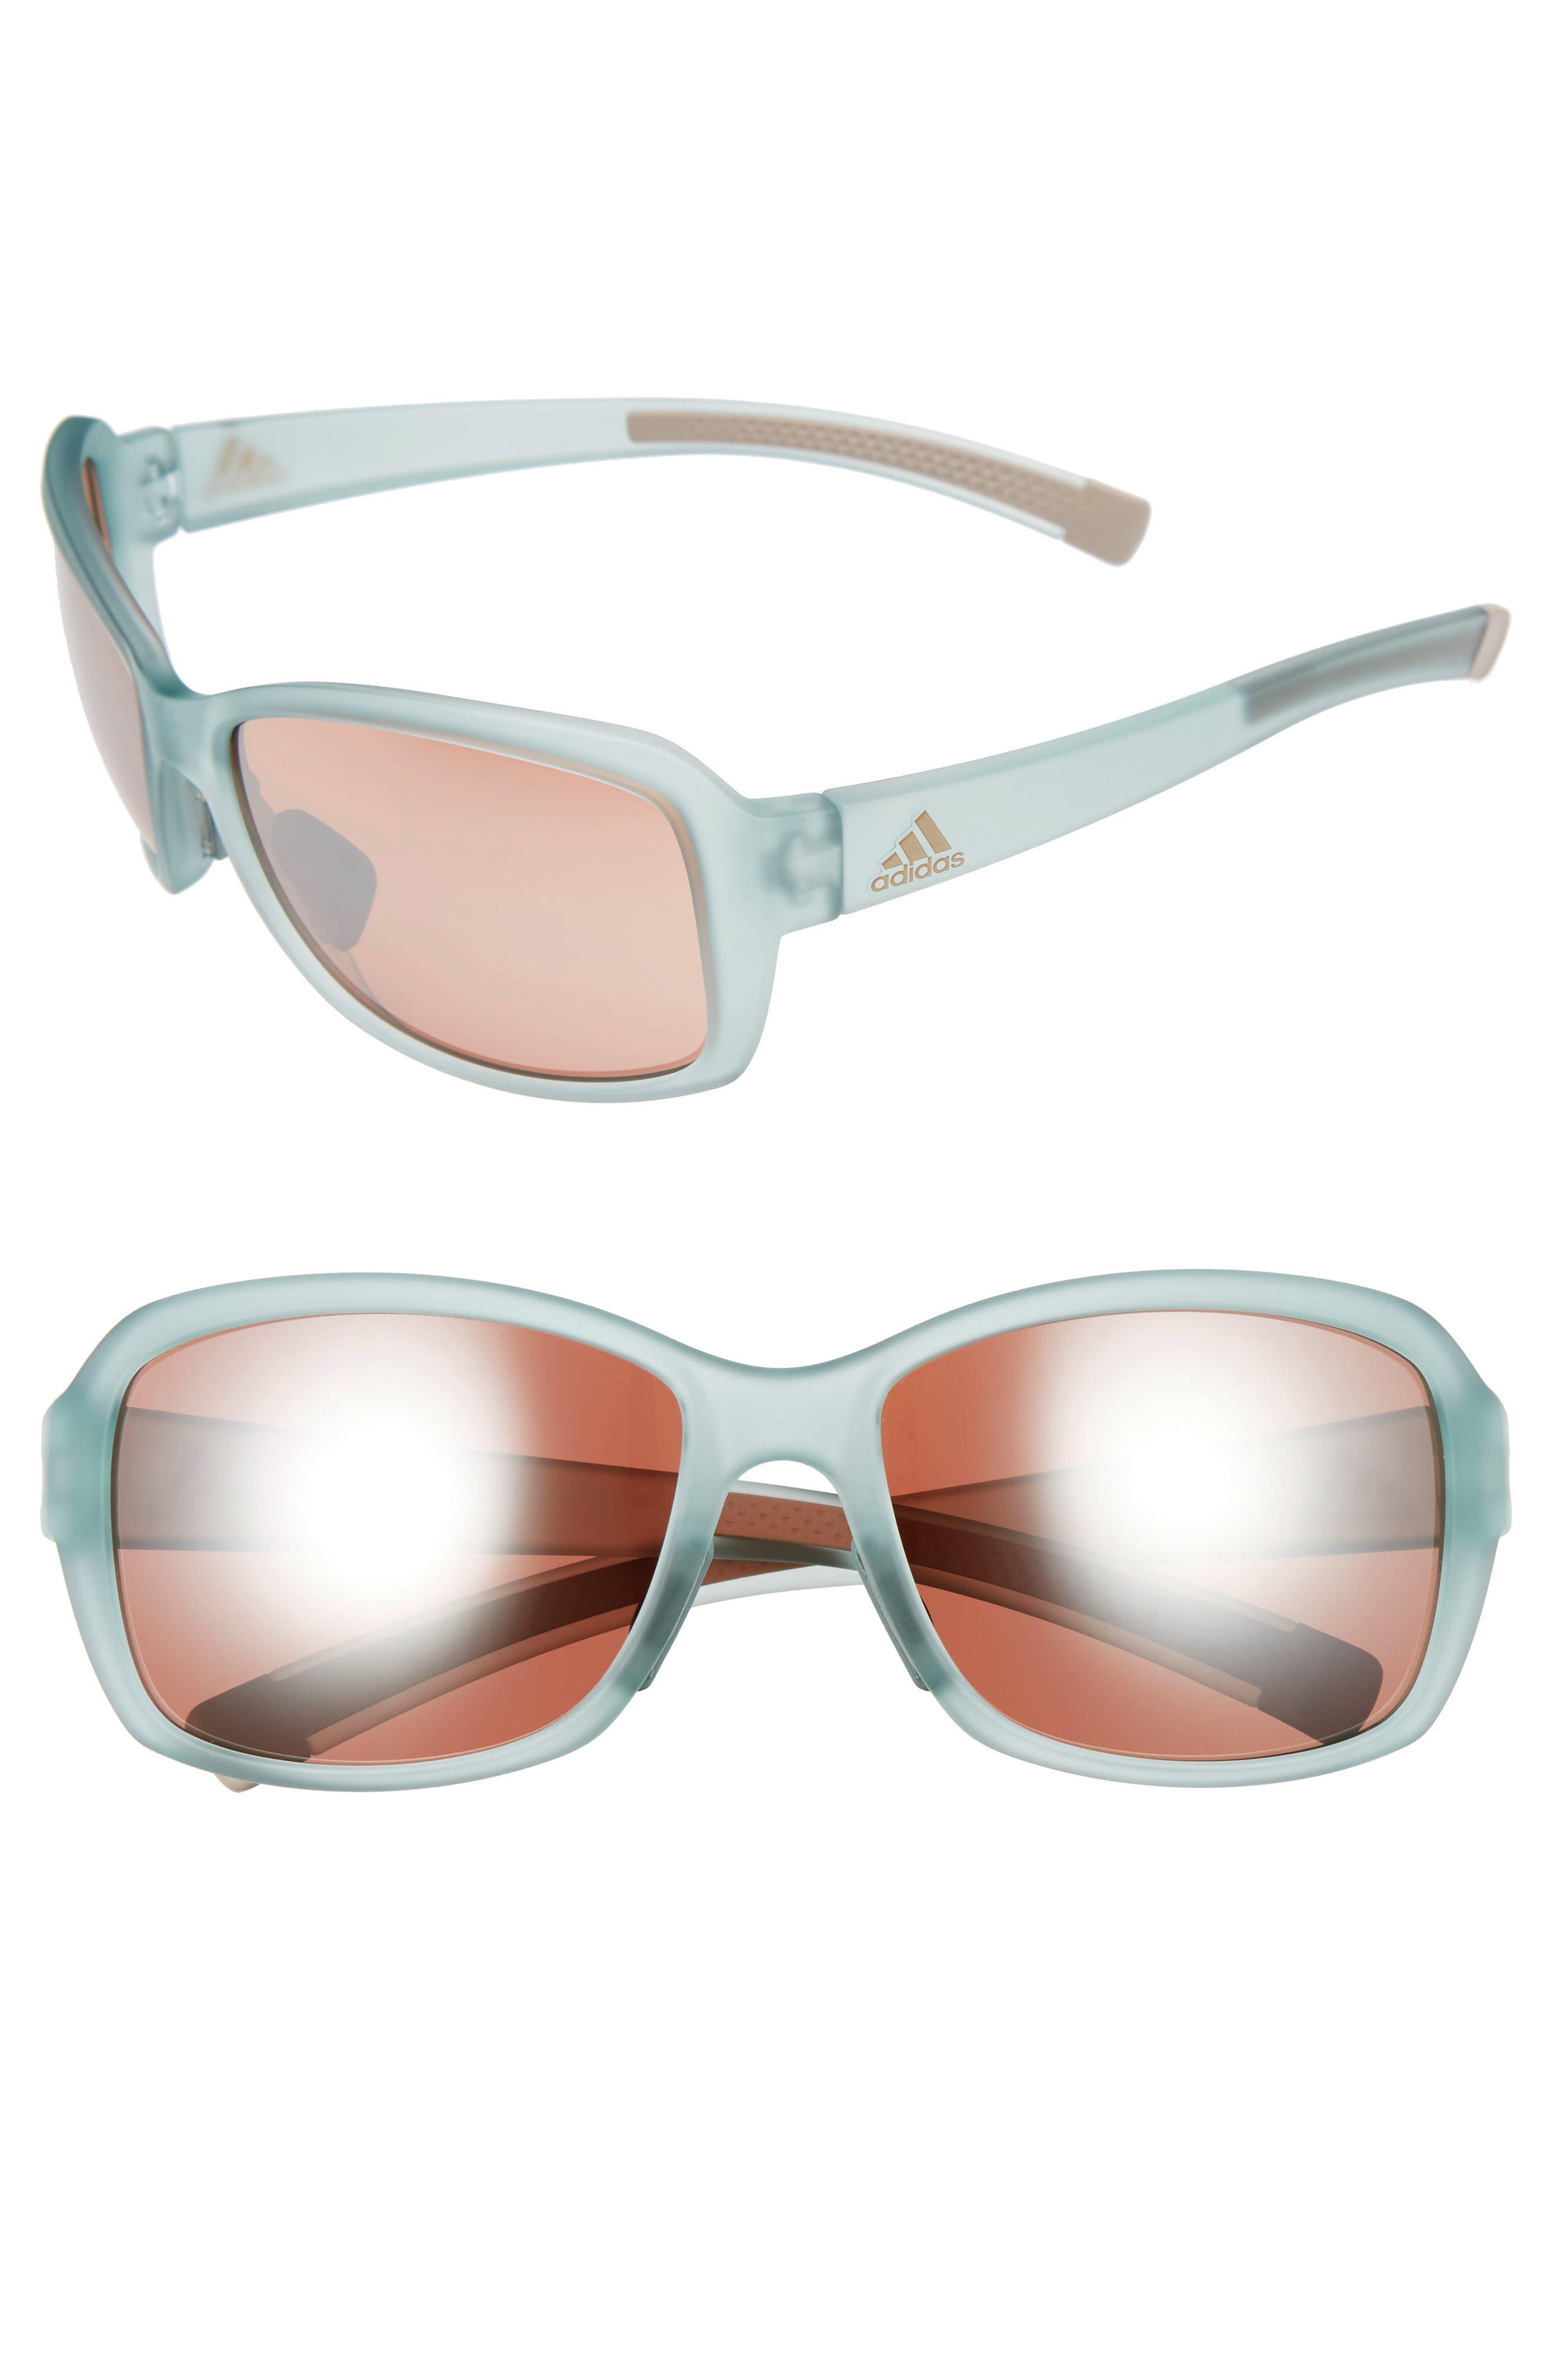 Baboa 58mm Sunglasses,                             Main thumbnail 3, color,